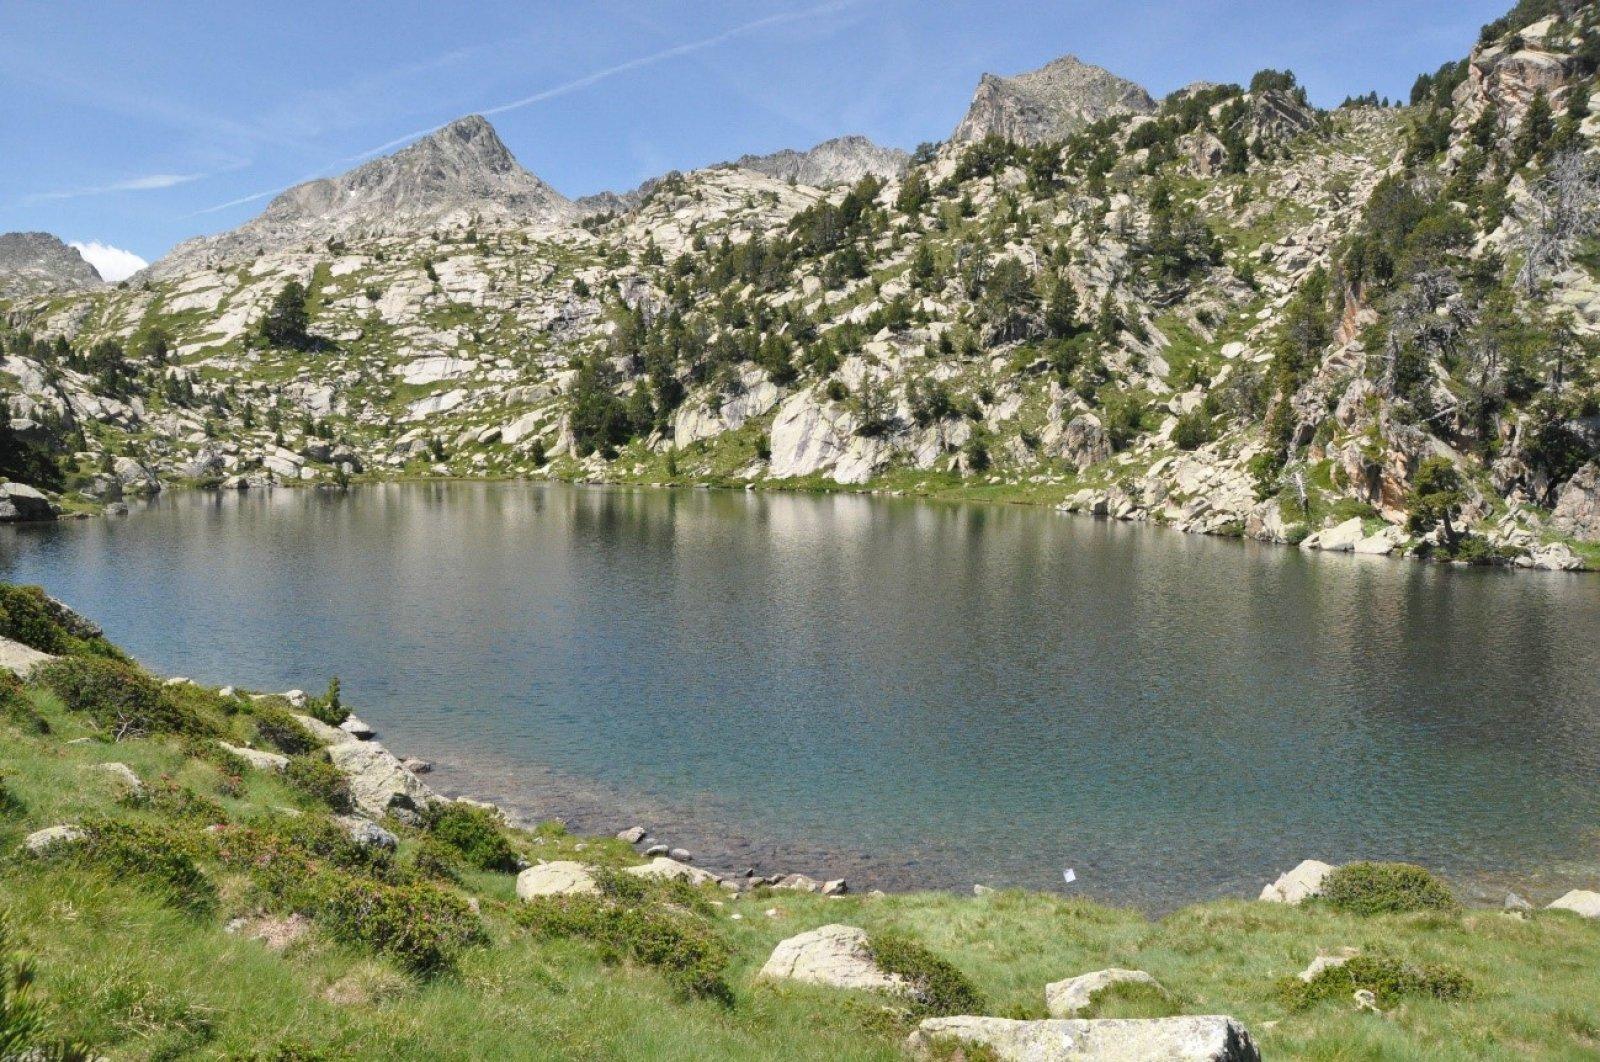 L'estany de la Cabana